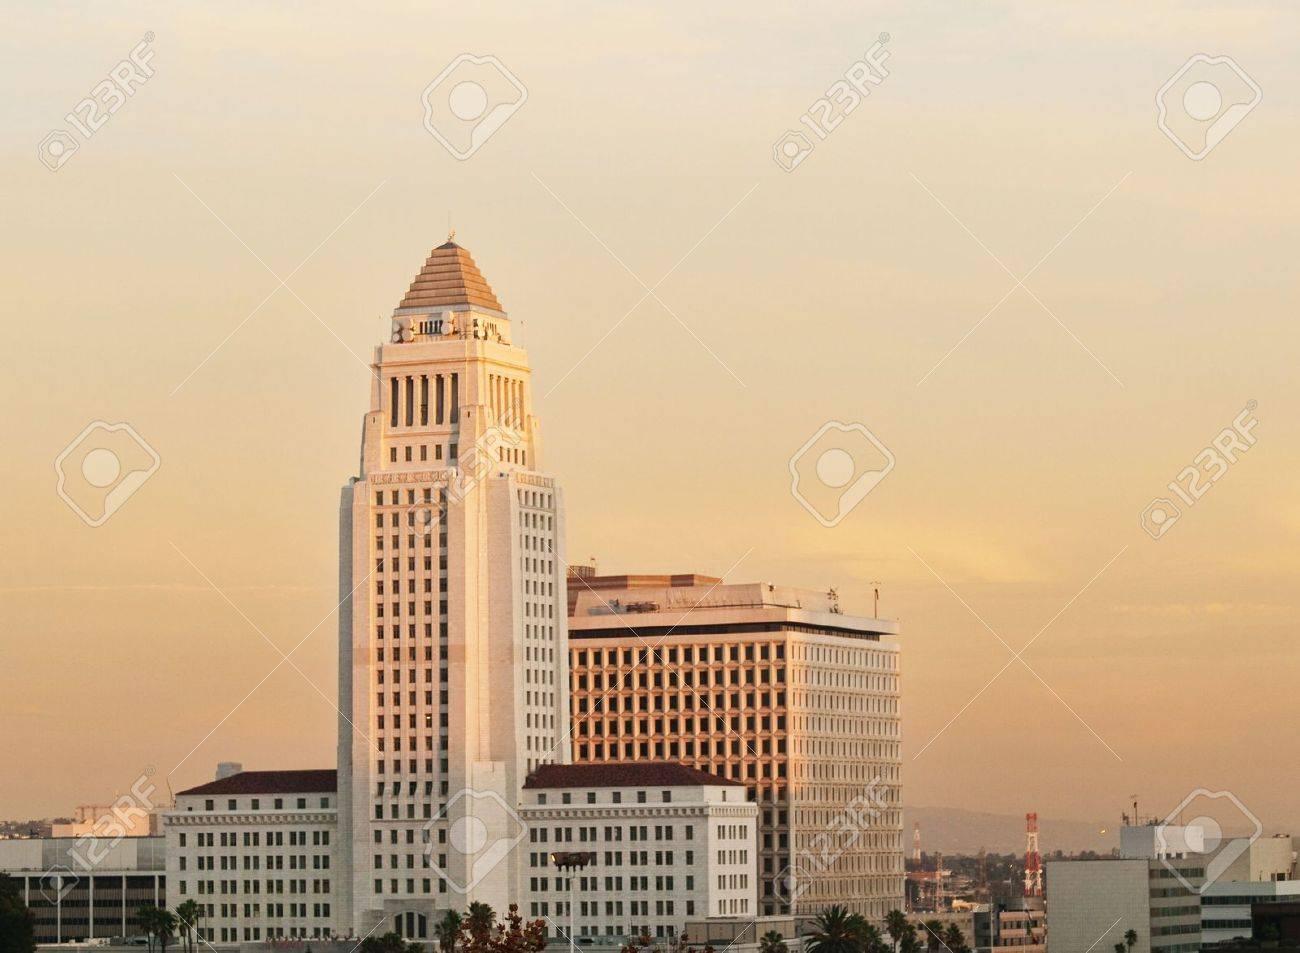 Los Angeles California City Hall  at dusk Stock Photo - 6272840